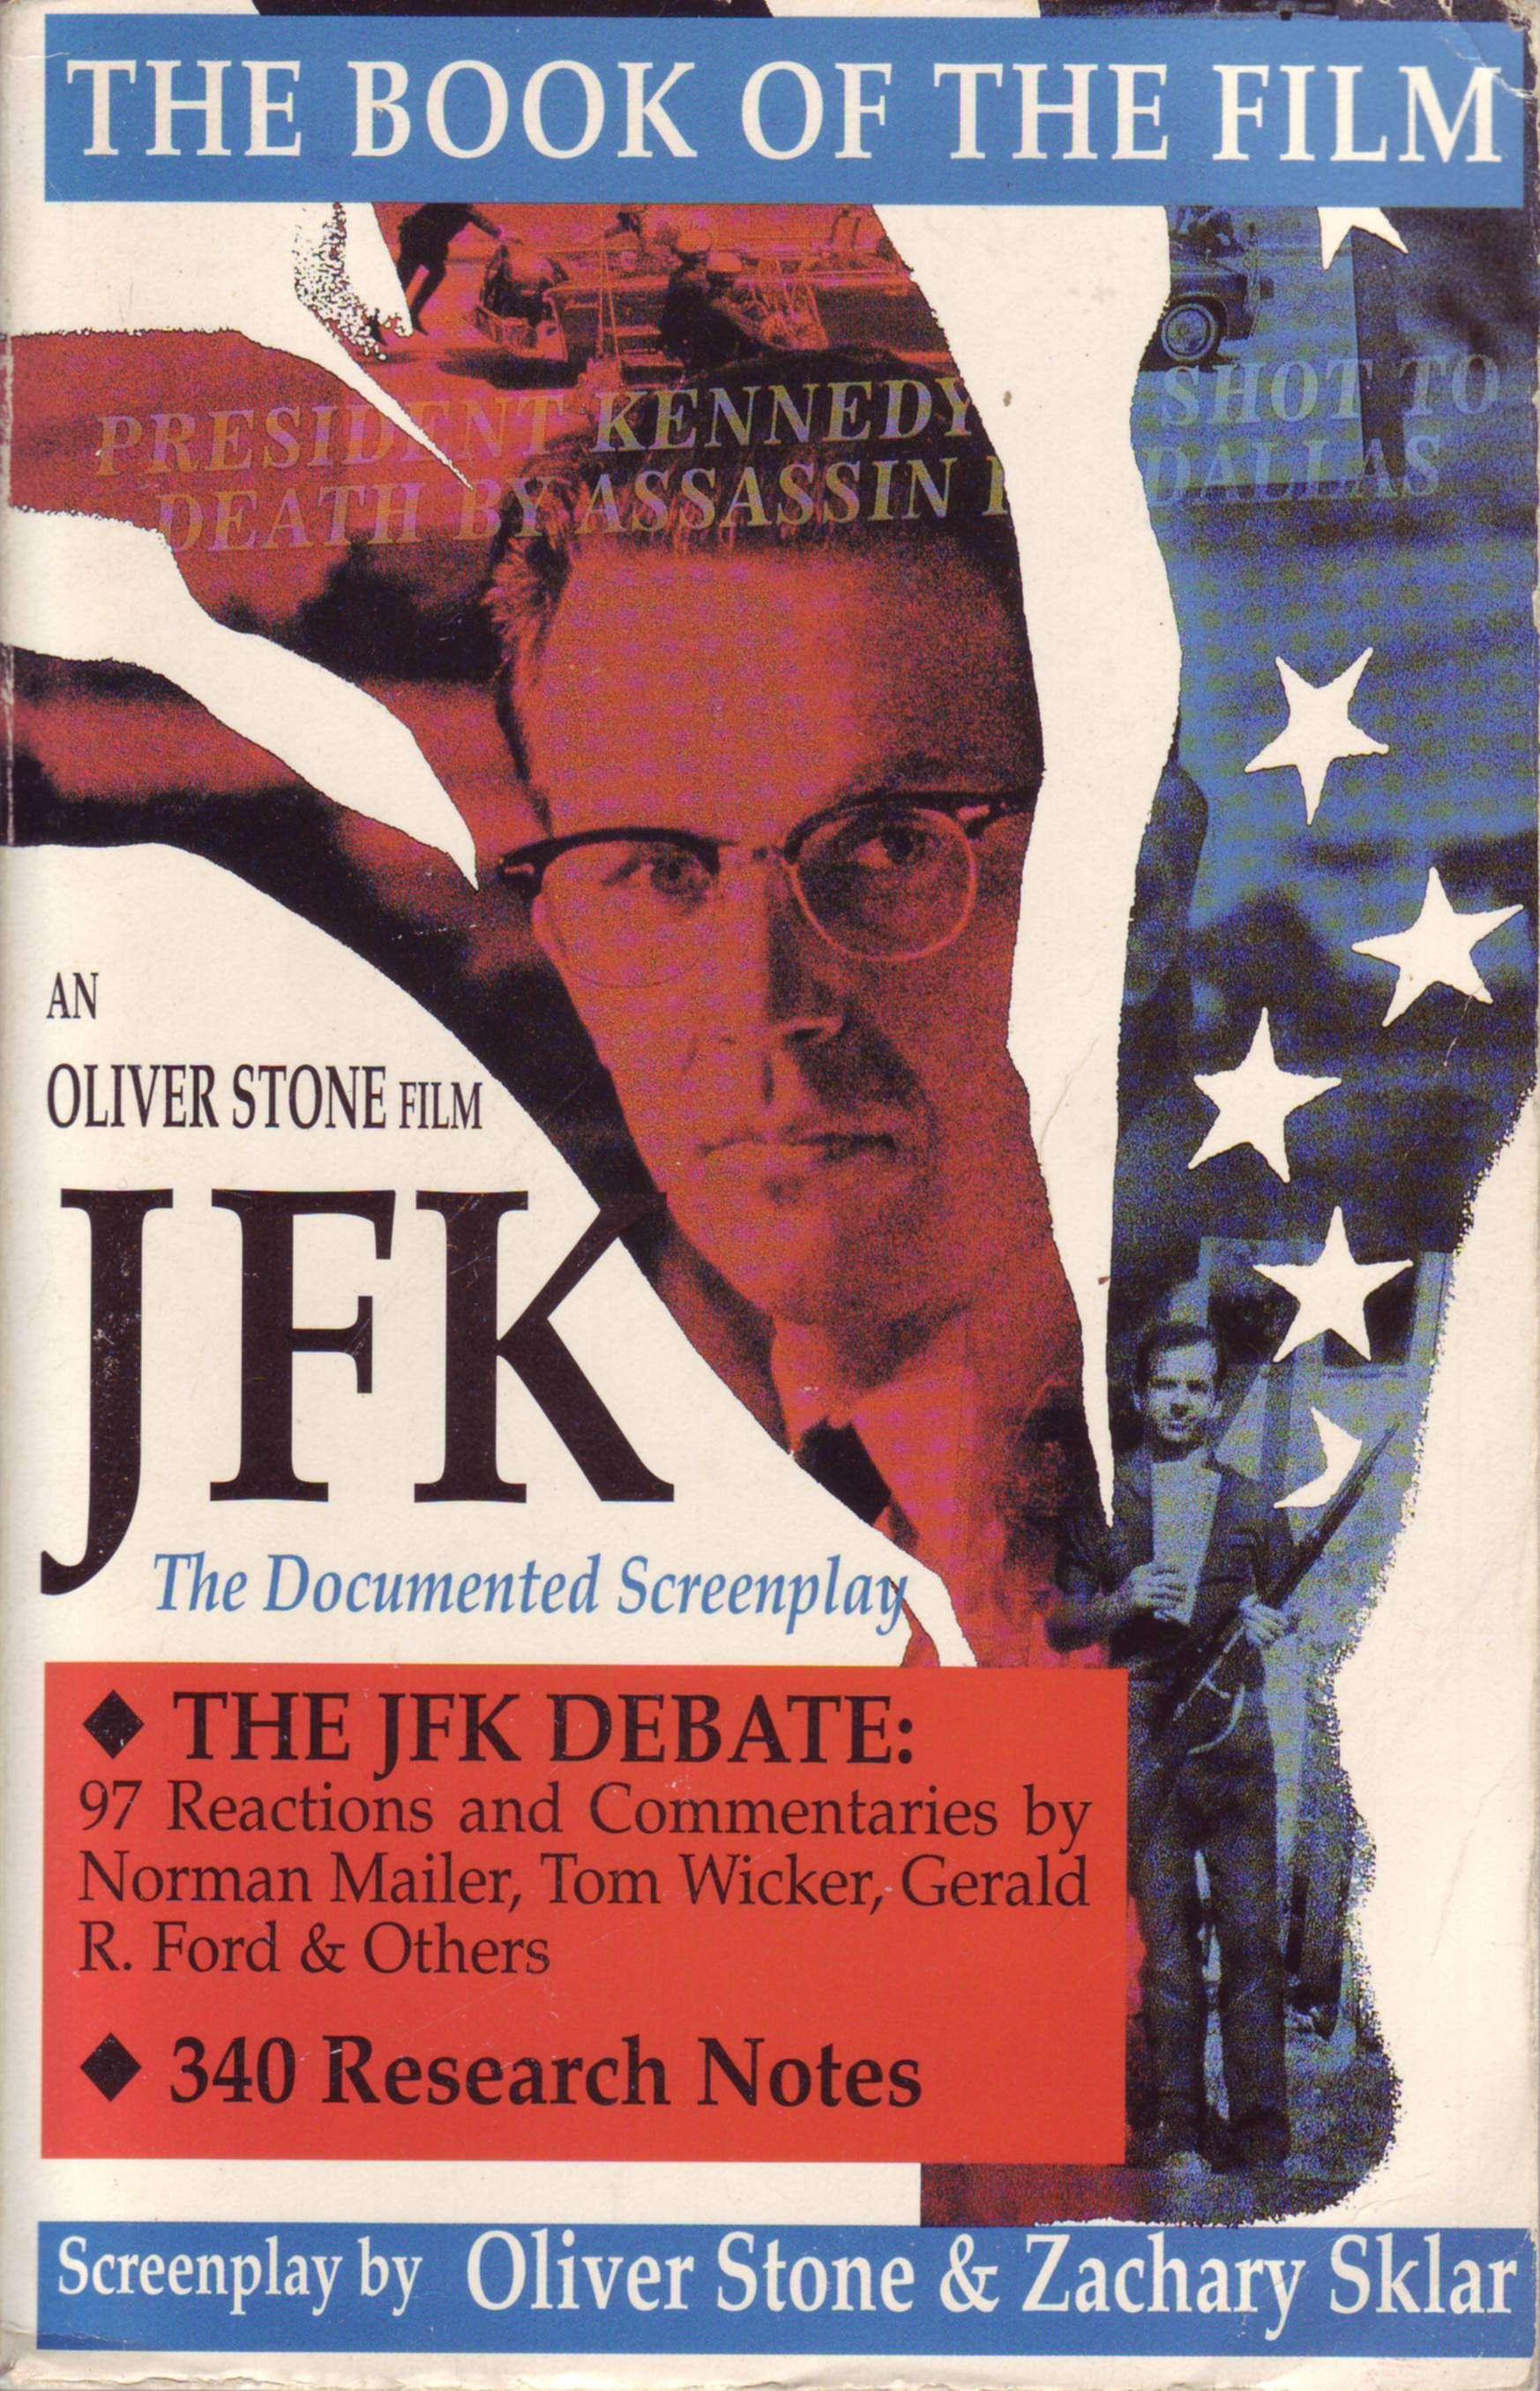 JFK - The Documented Screenplay